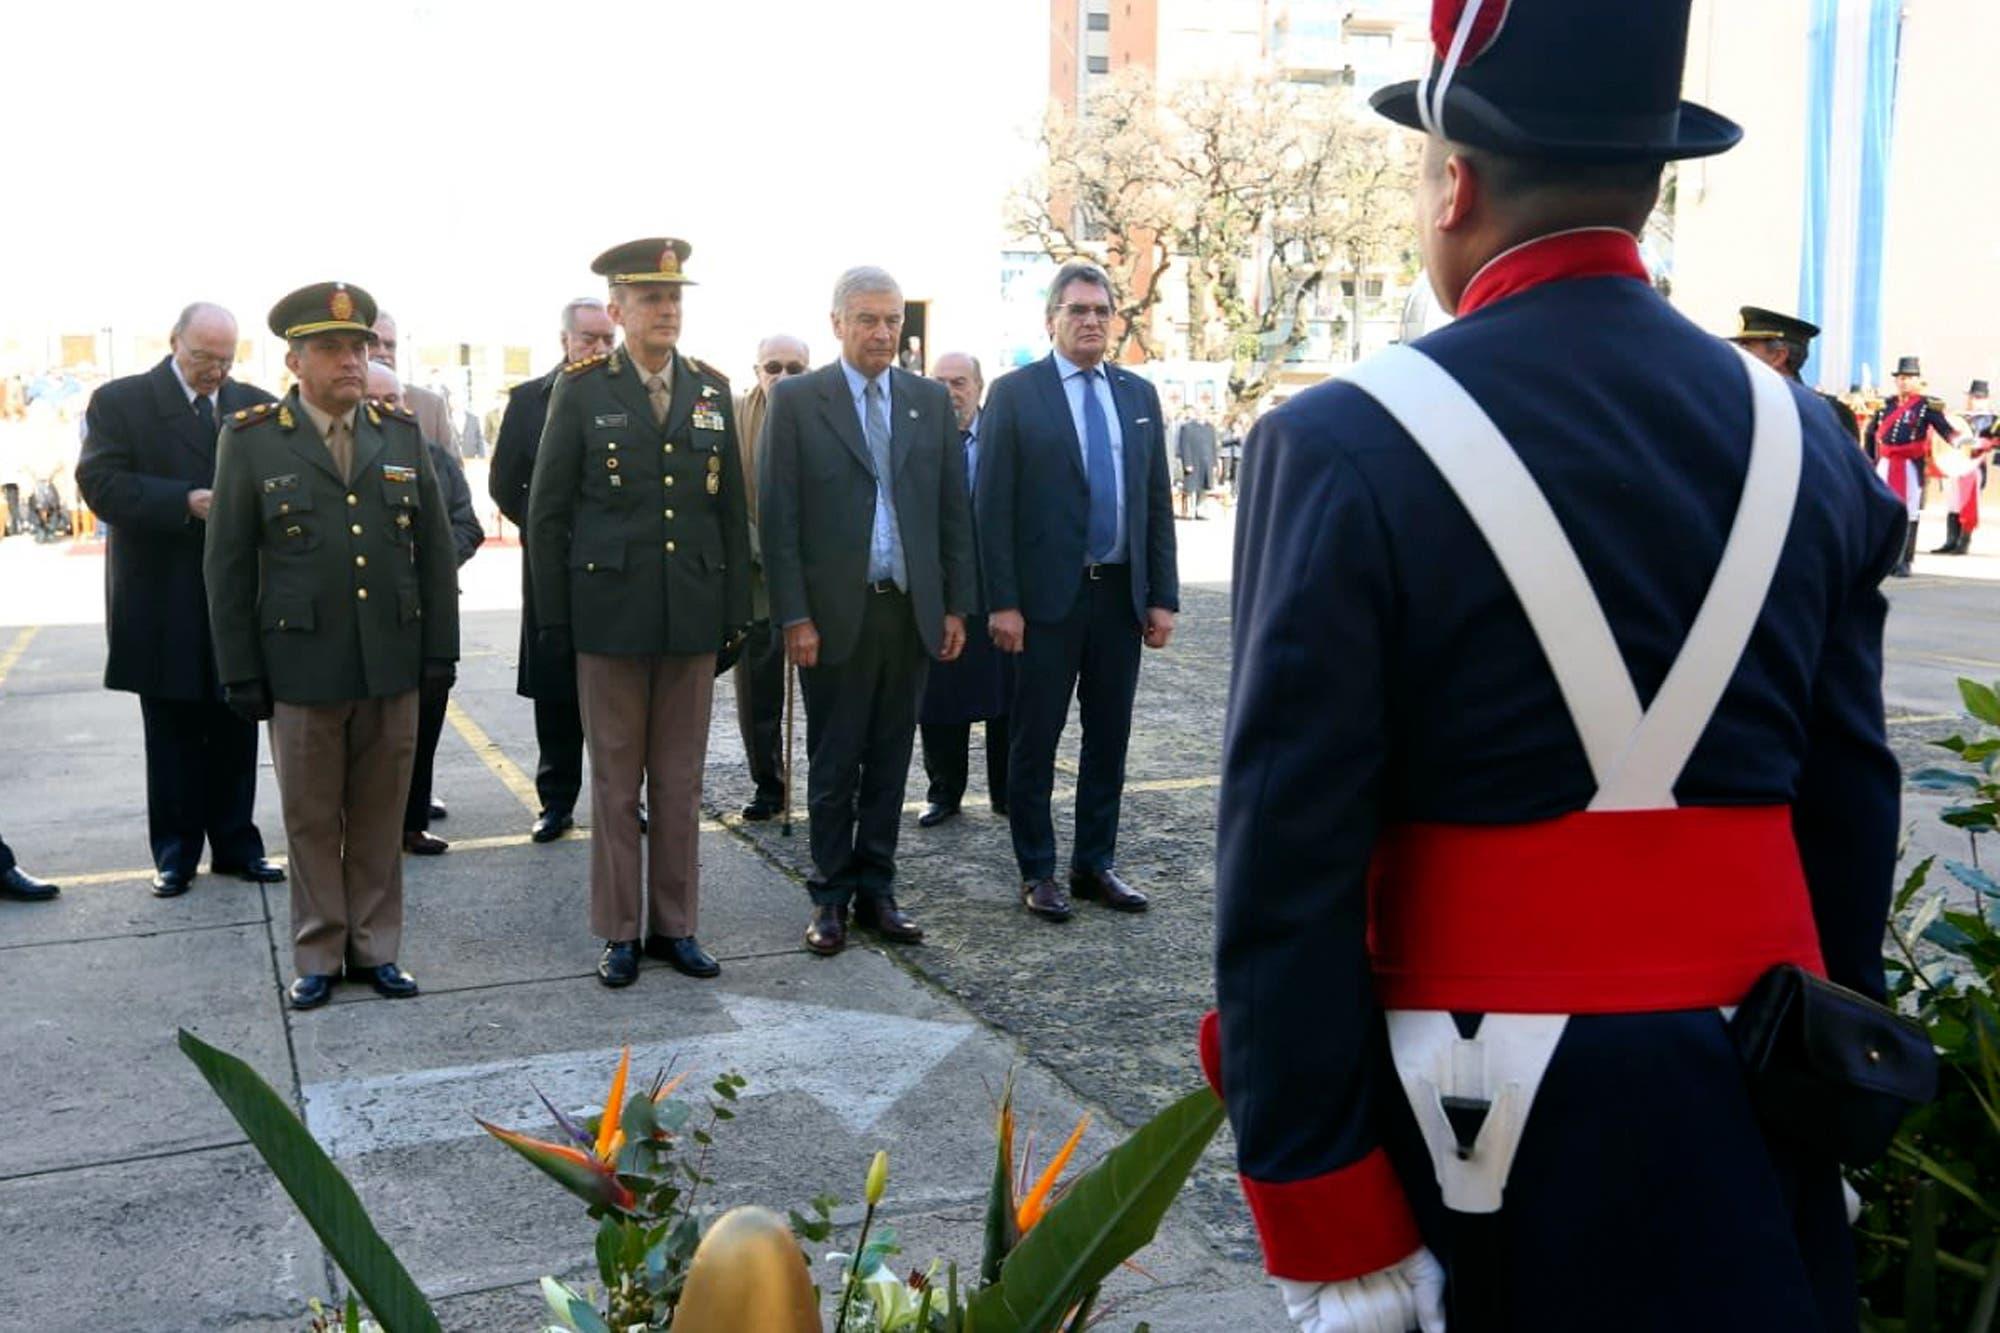 El Ejército y el Gobierno rindieron homenaje a militares caídos en ataques guerrilleros